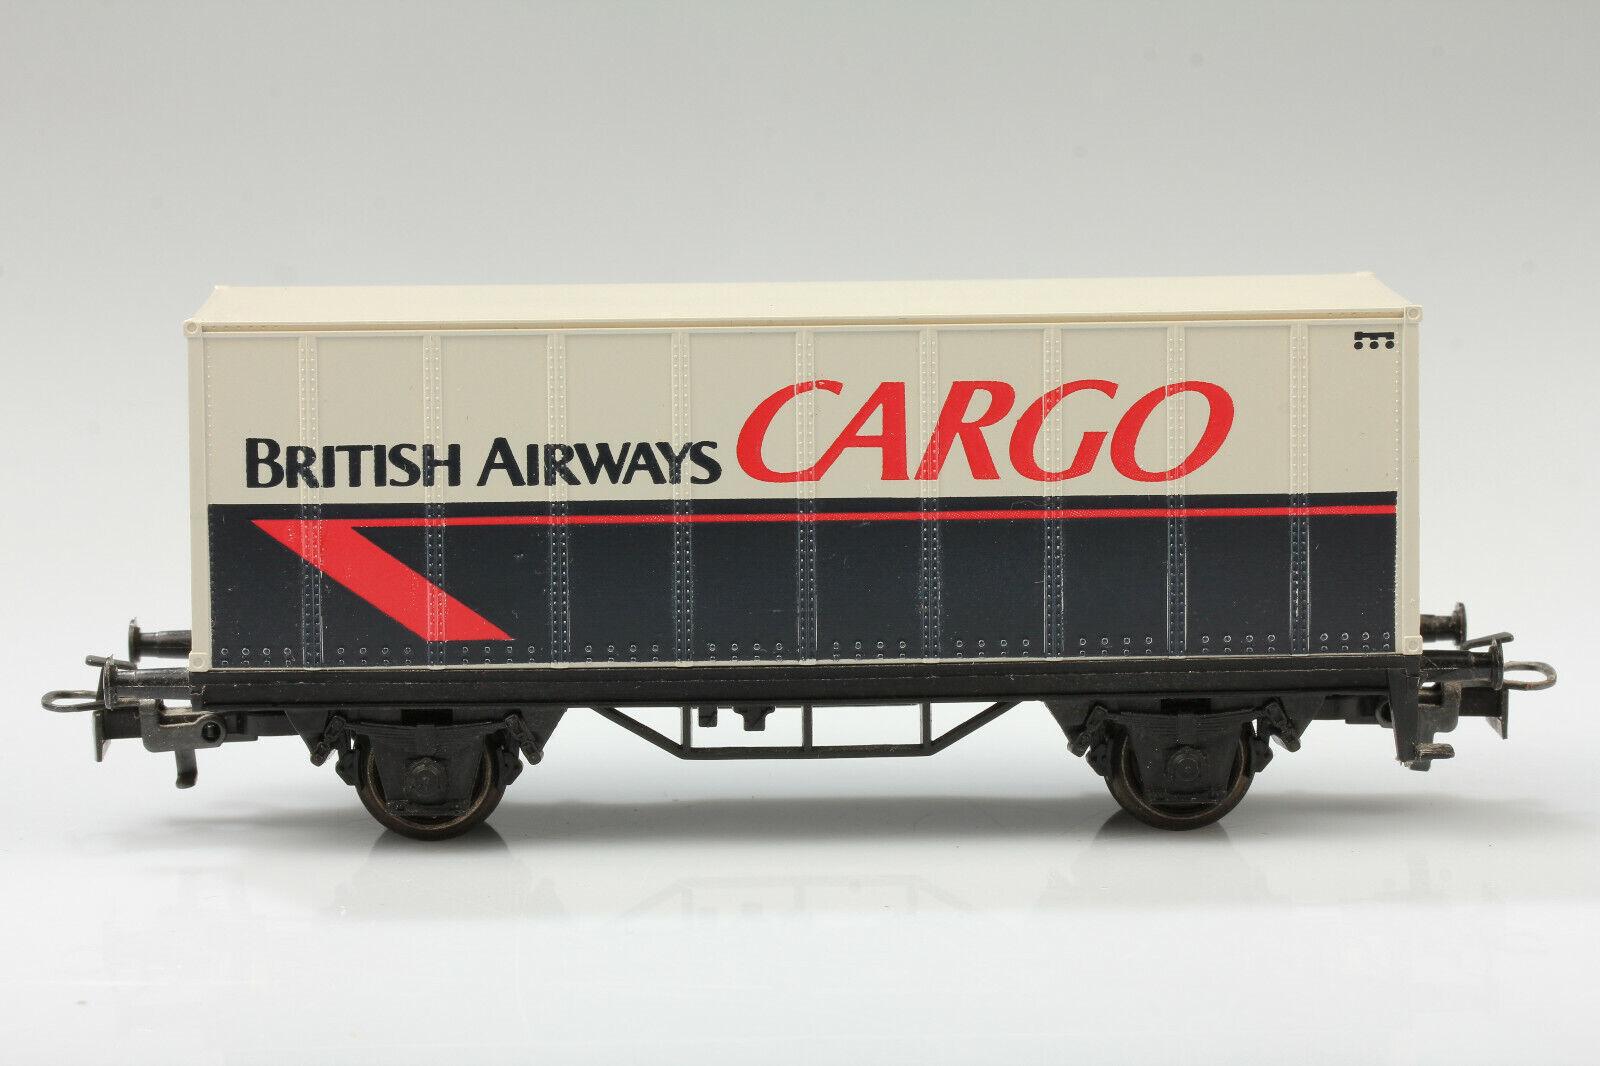 H0 Märklin Vagone per Container British Airways Cargo Sporco Graffi senza Ovp